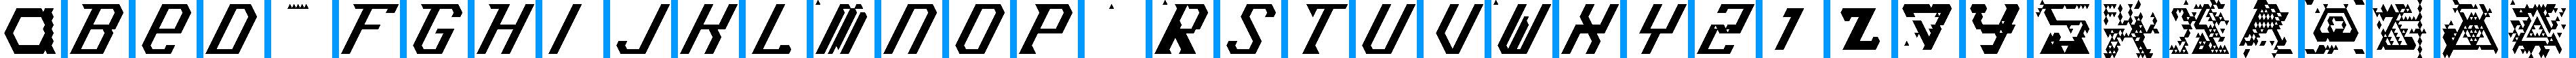 Particip-a-type v.244